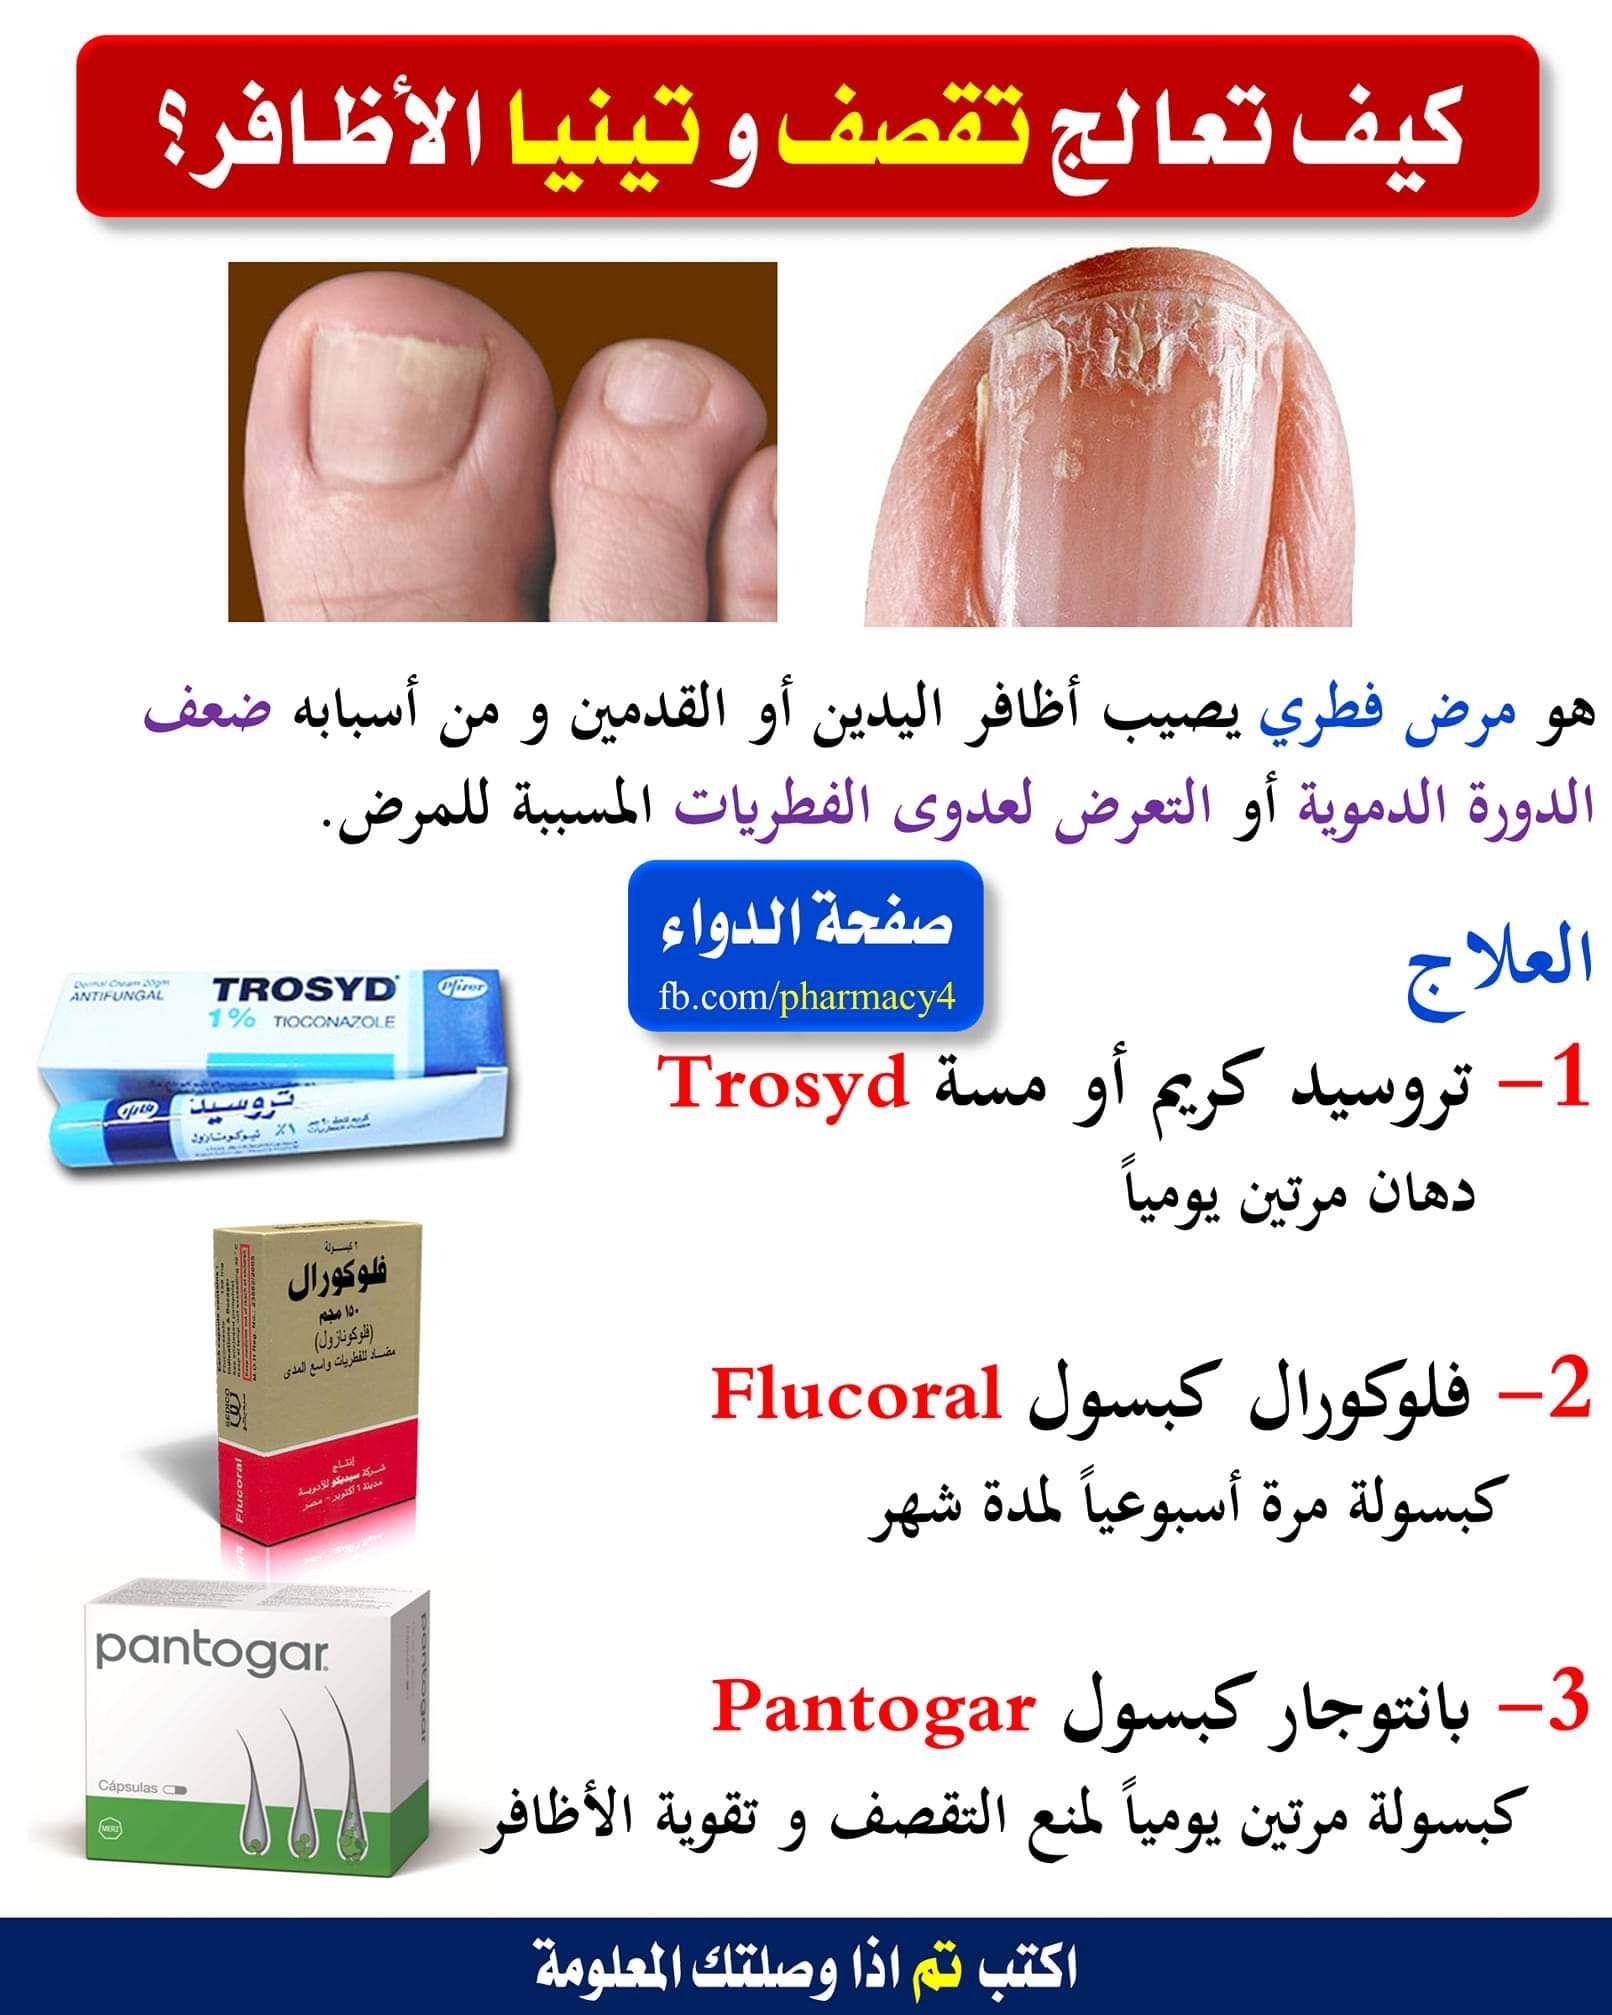 منوعات مفيدة Adli Kullanicinin معلومات صحية Panosundaki Pin